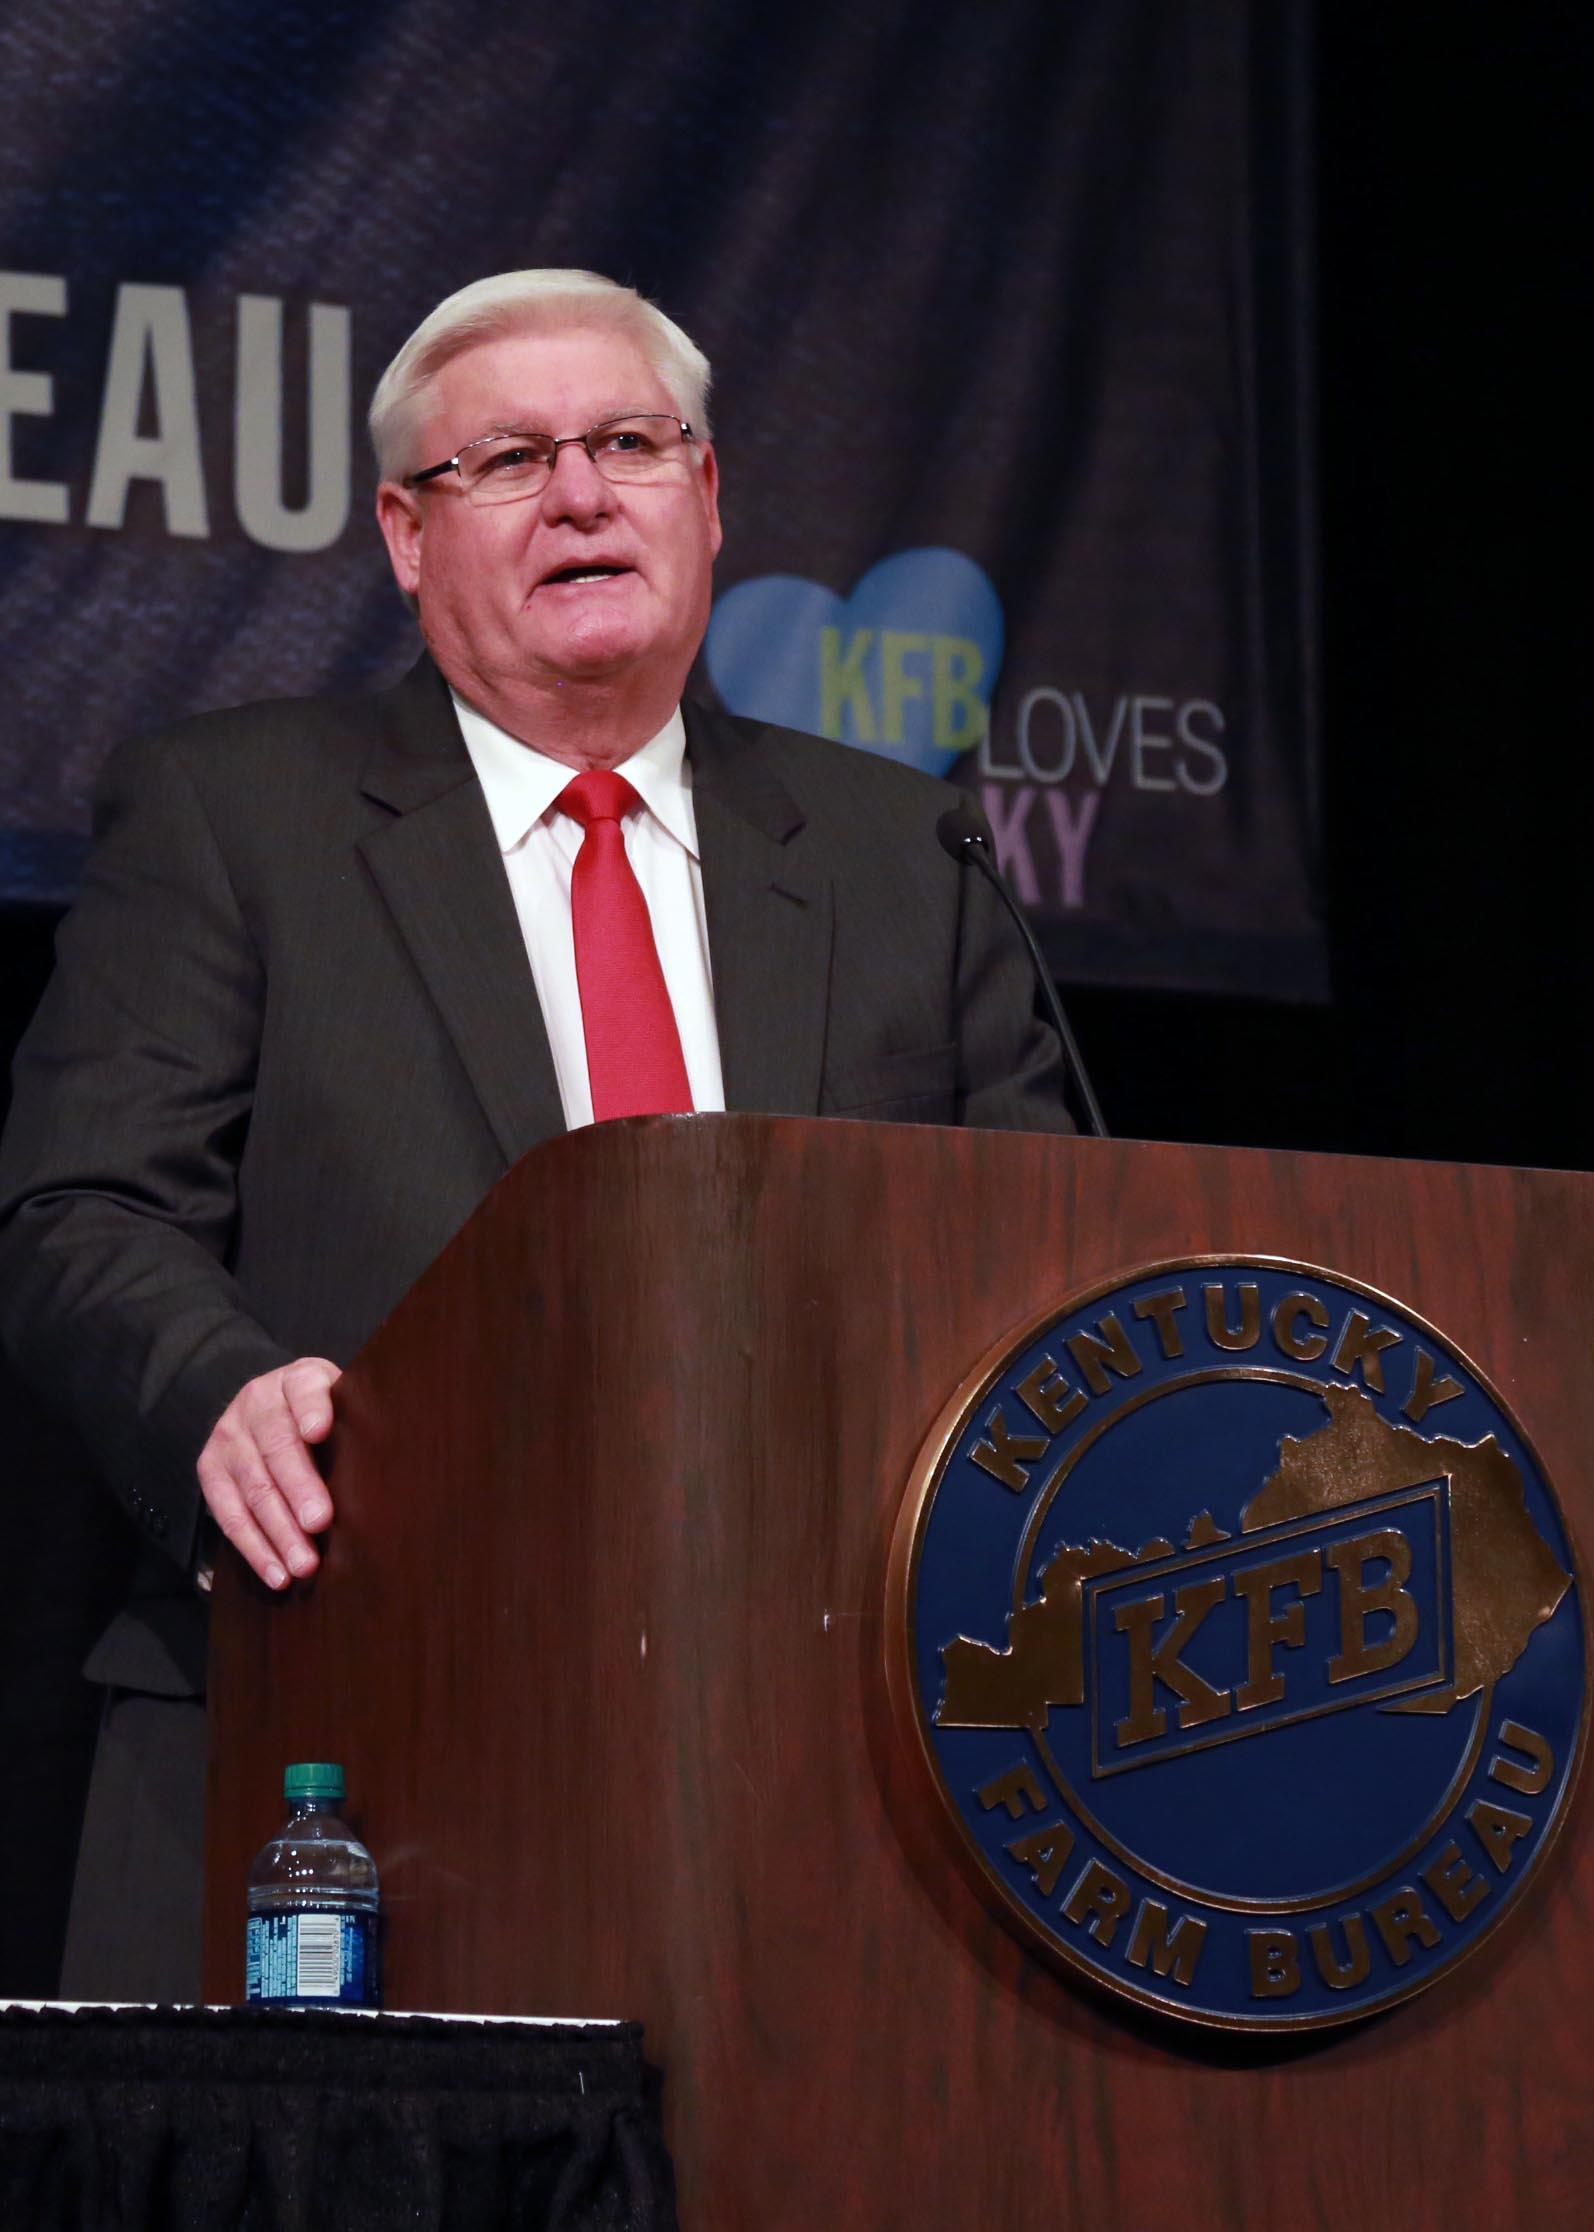 Mark Haney, President of Kentucky Farm Bureau